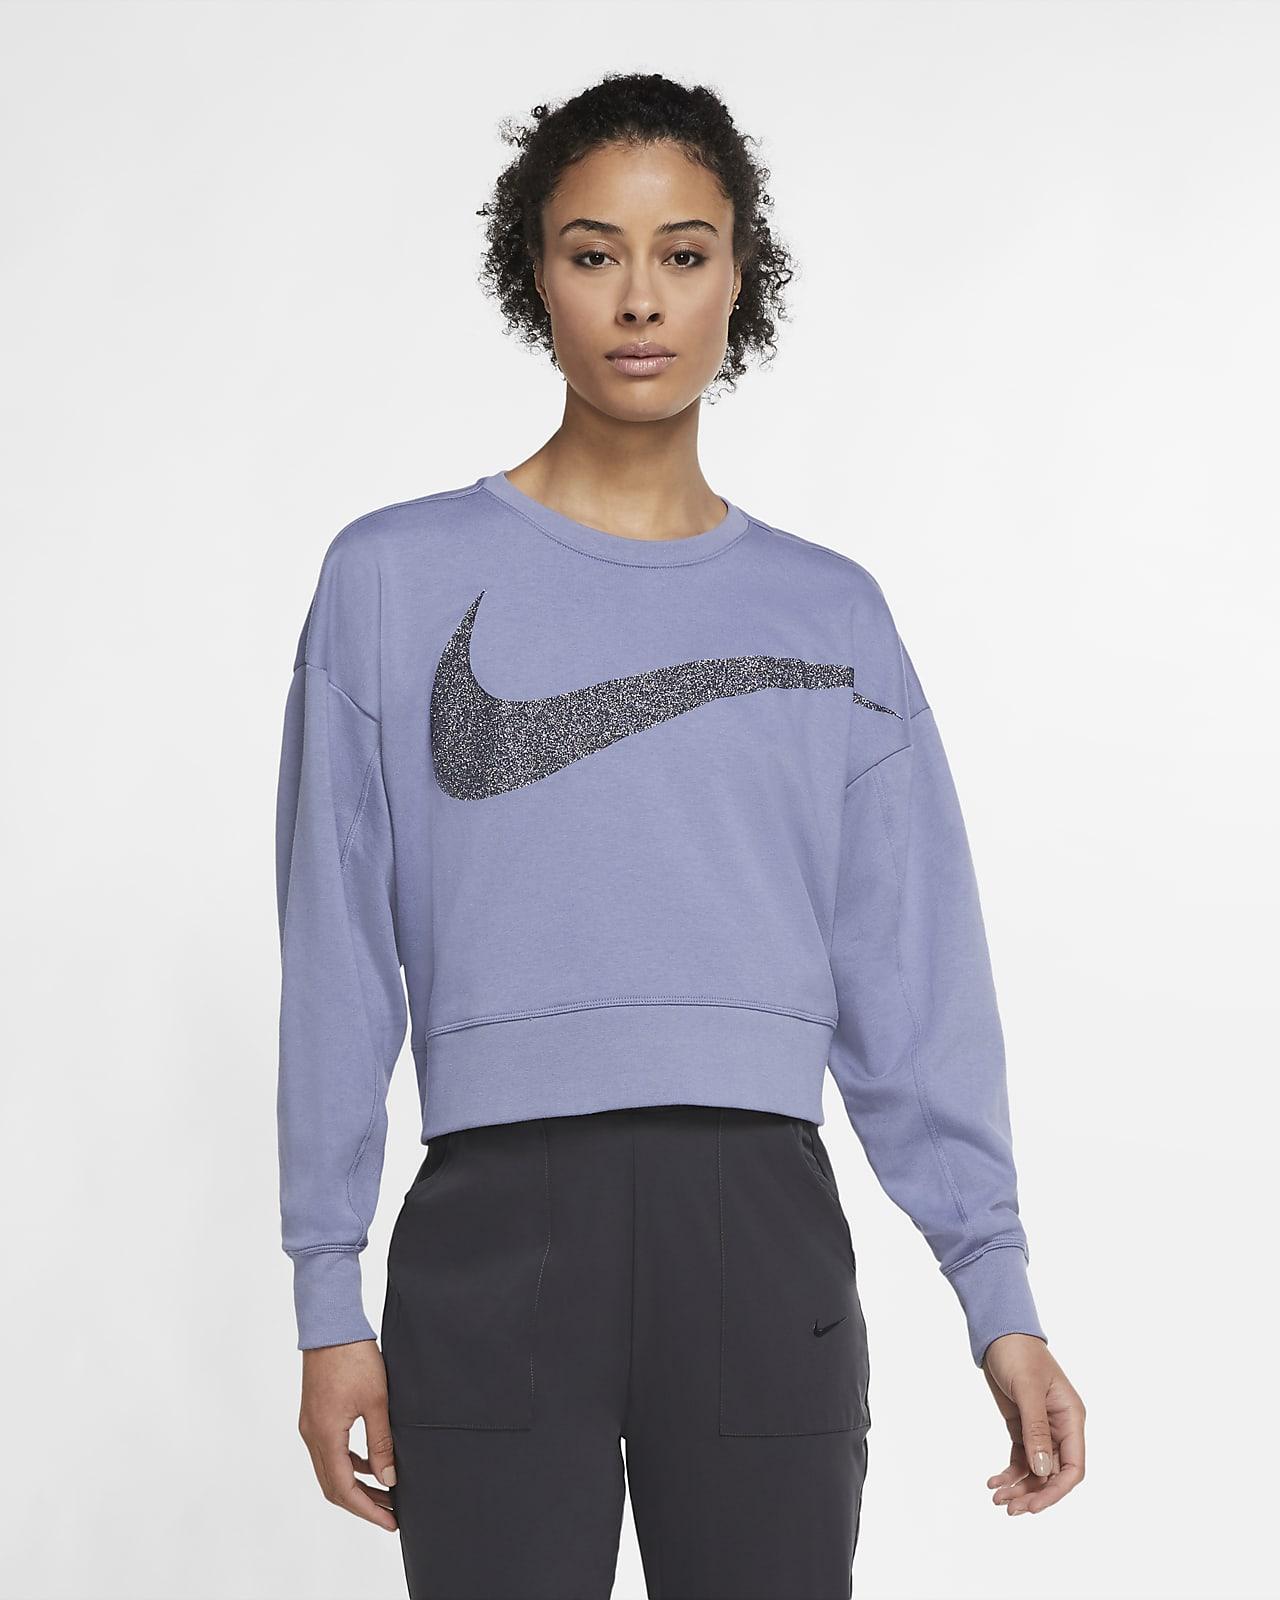 Prenda para la parte superior de entrenamiento brillante de tejido Fleece para mujer Nike Dri-FIT Get Fit